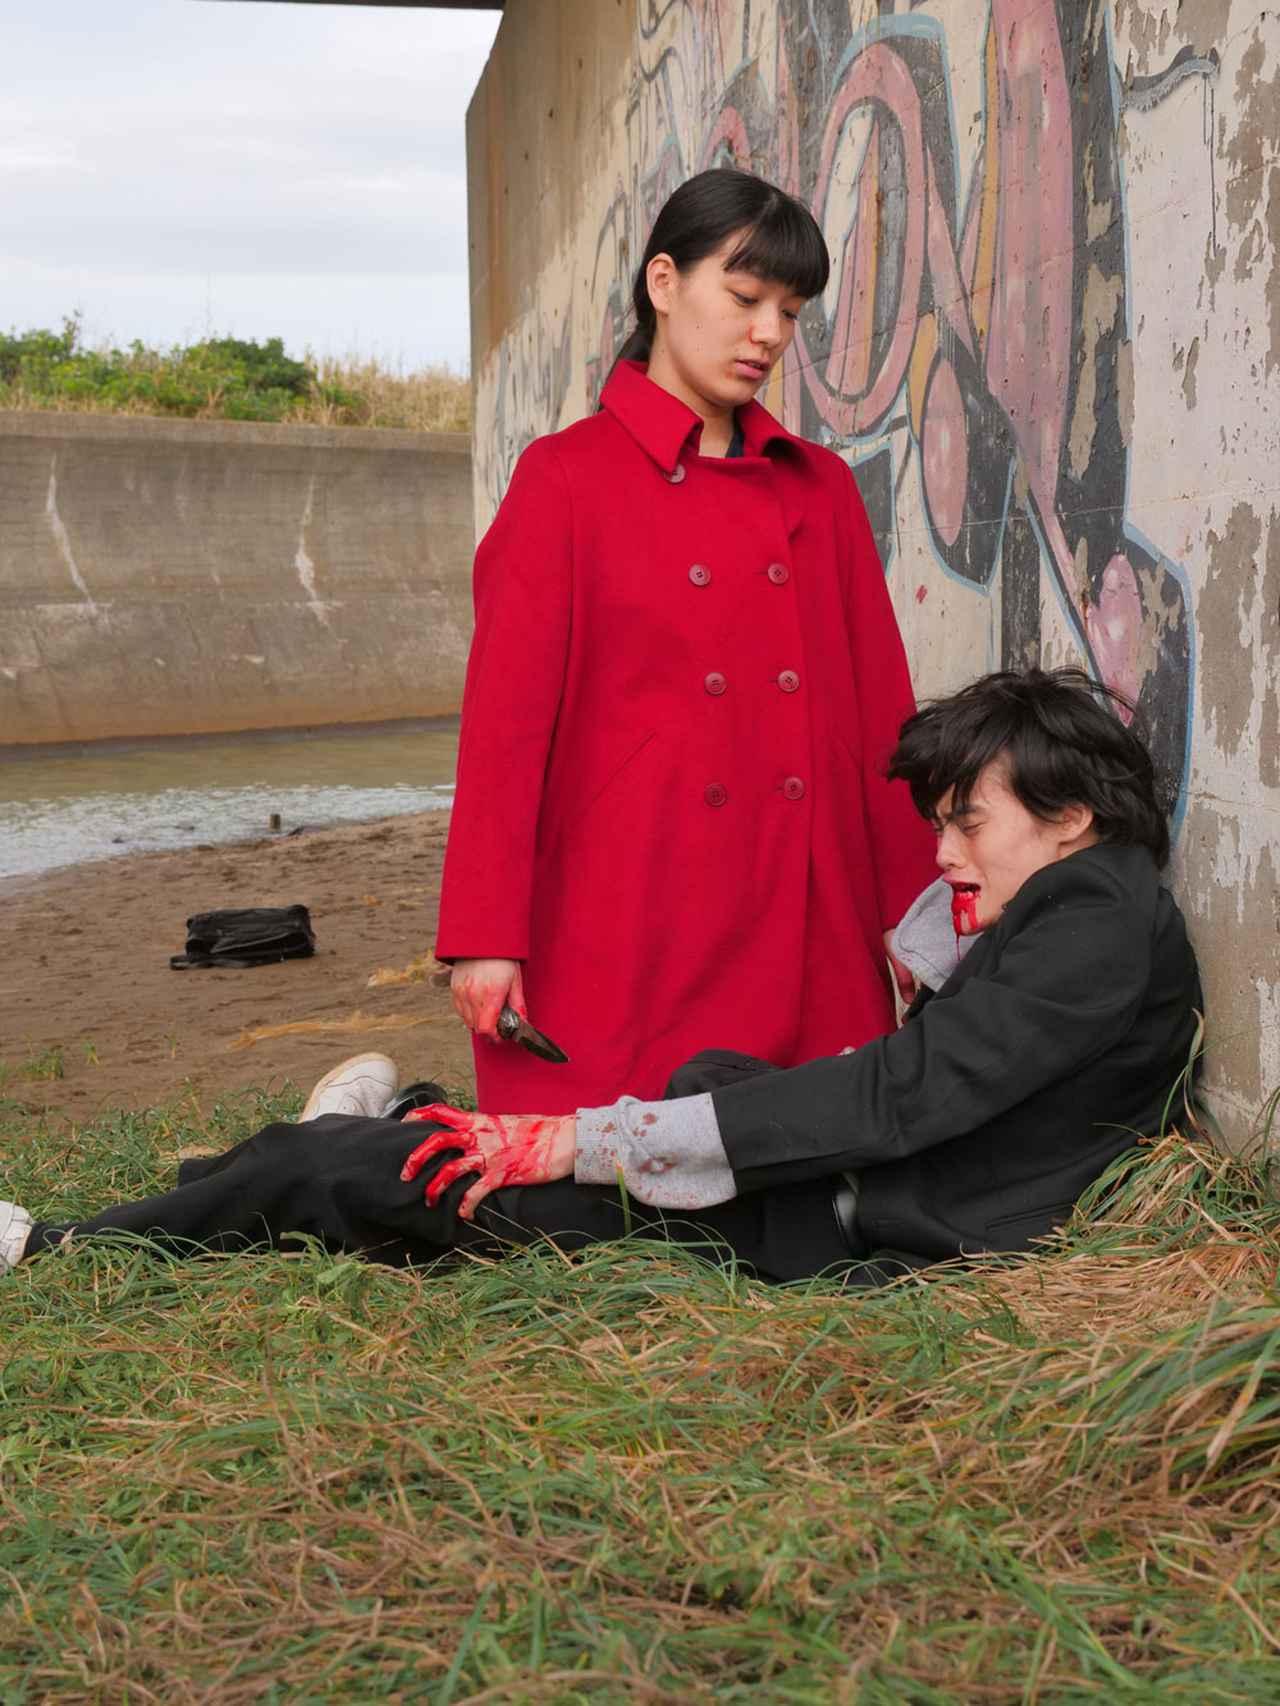 画像5: 「祷キララ」が渾身の演技を魅せた映画『ファンファーレが鳴り響く』が、いよいよ10月17日に公開。「人を殺めることになった過程をゆっくりとひも解いて、役作りにつなげていきました」